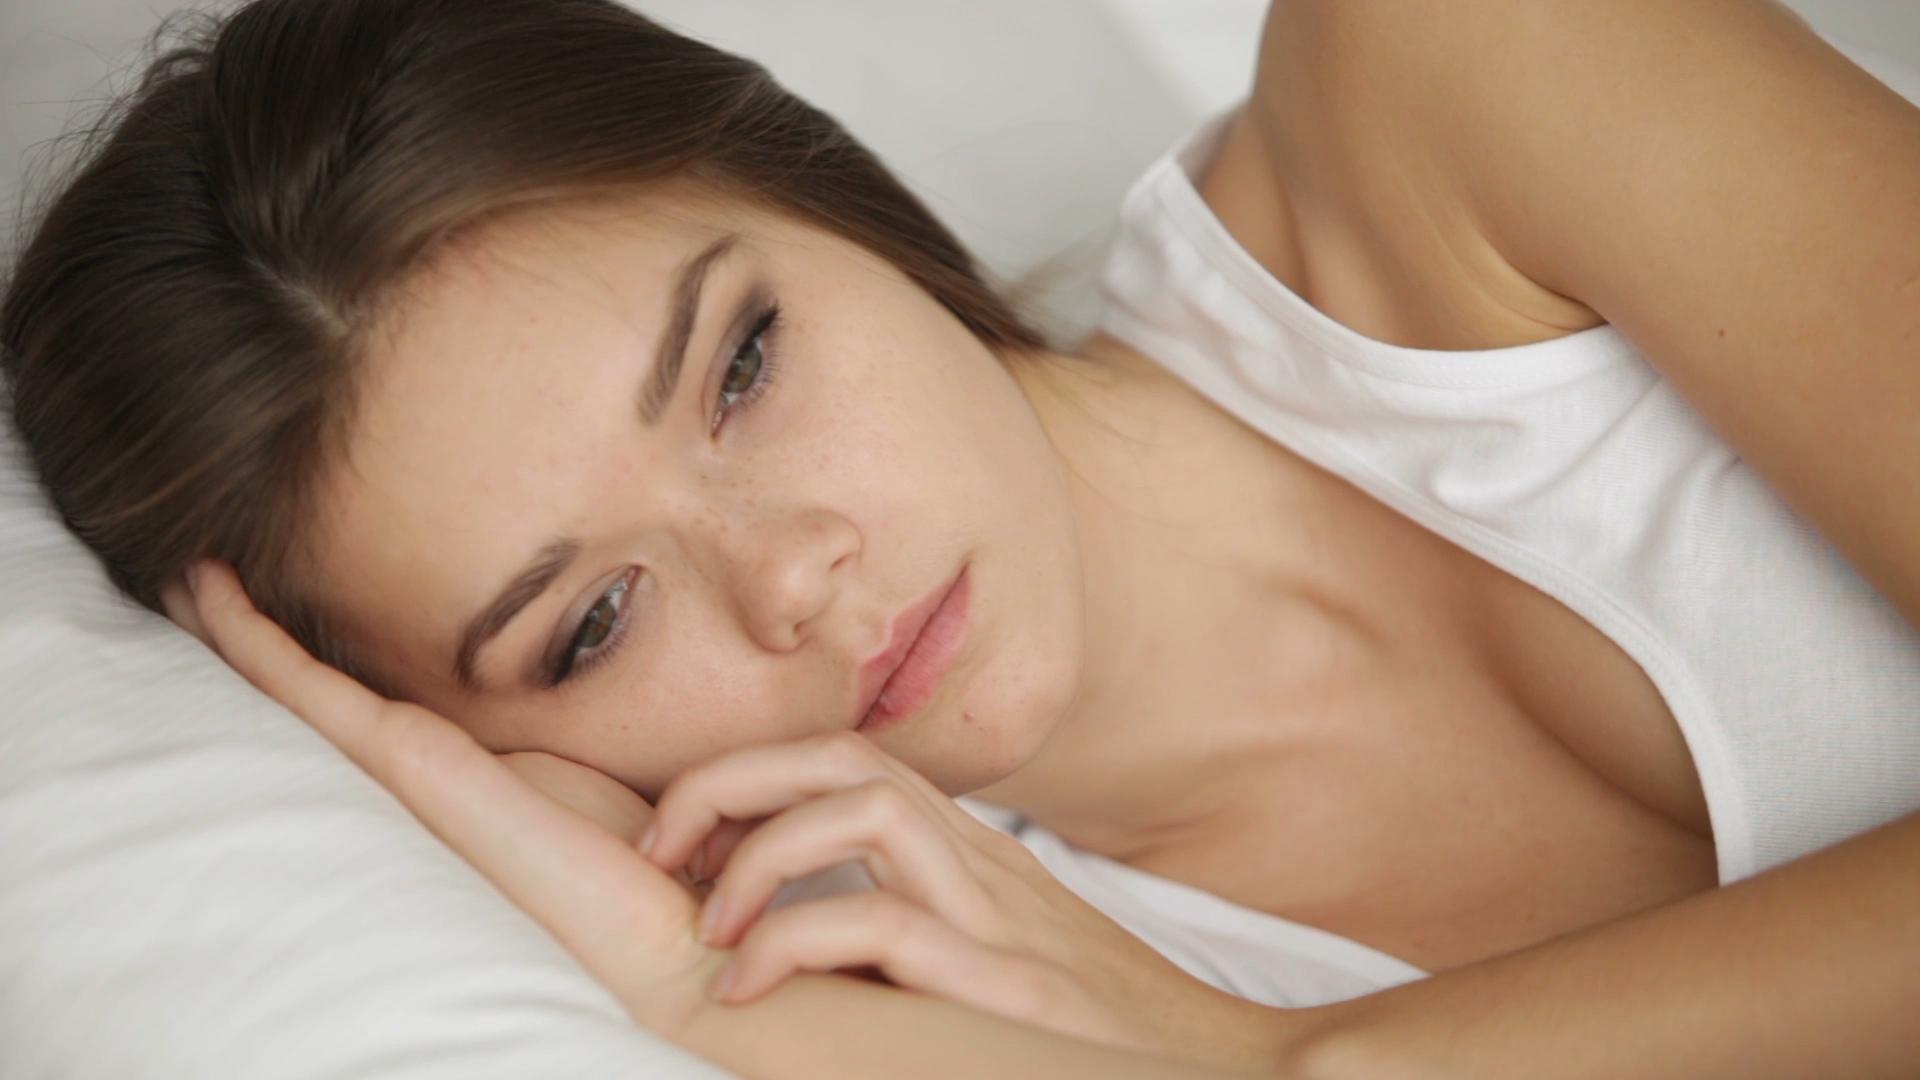 Metoda dzięki której można zasnąć w minutę